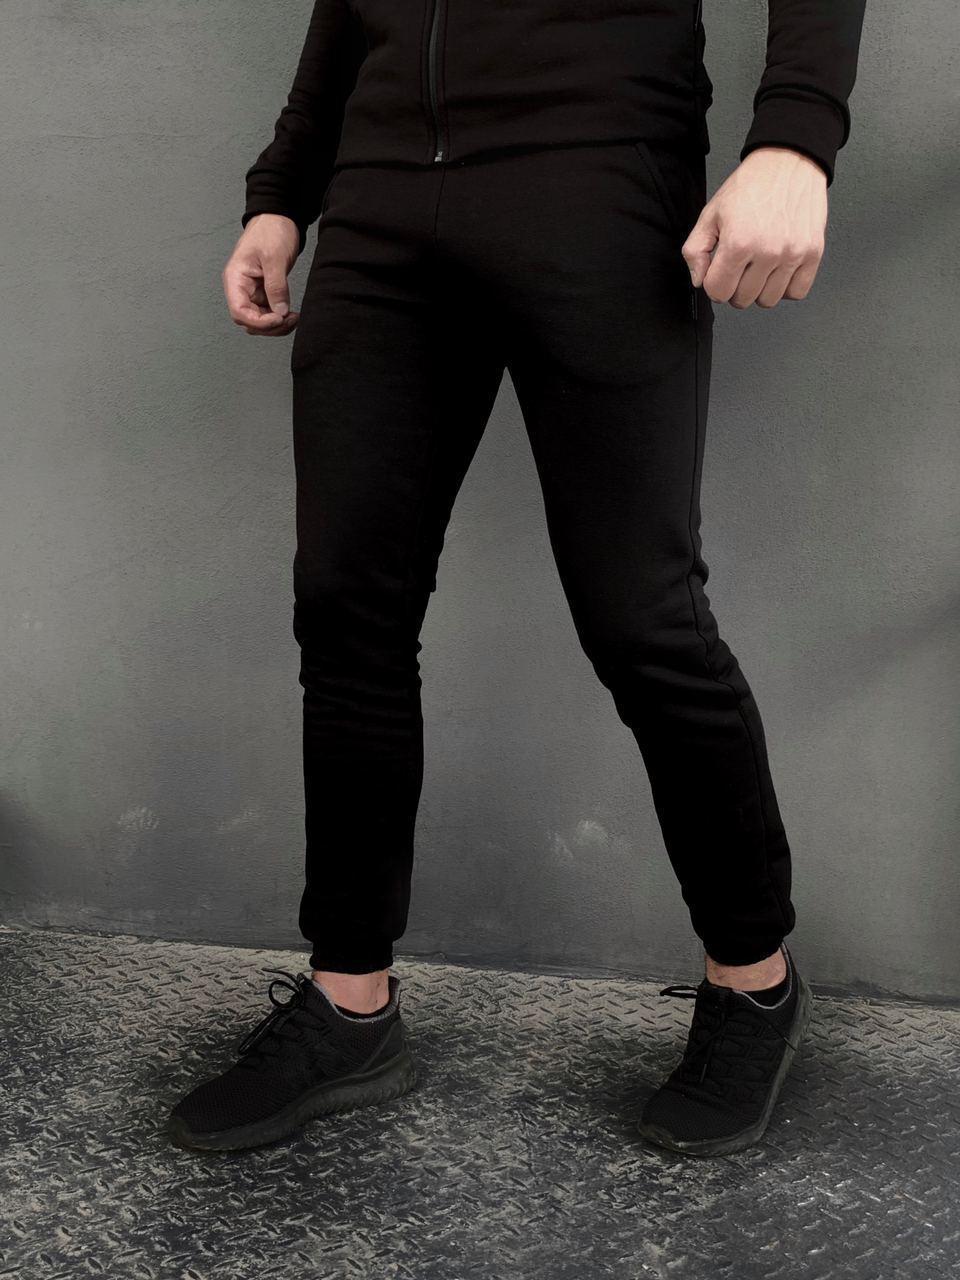 Спортивные мужские штаны 'Cosmo' Intruder брюки трикотажные черные размеры :S M L XL XXL